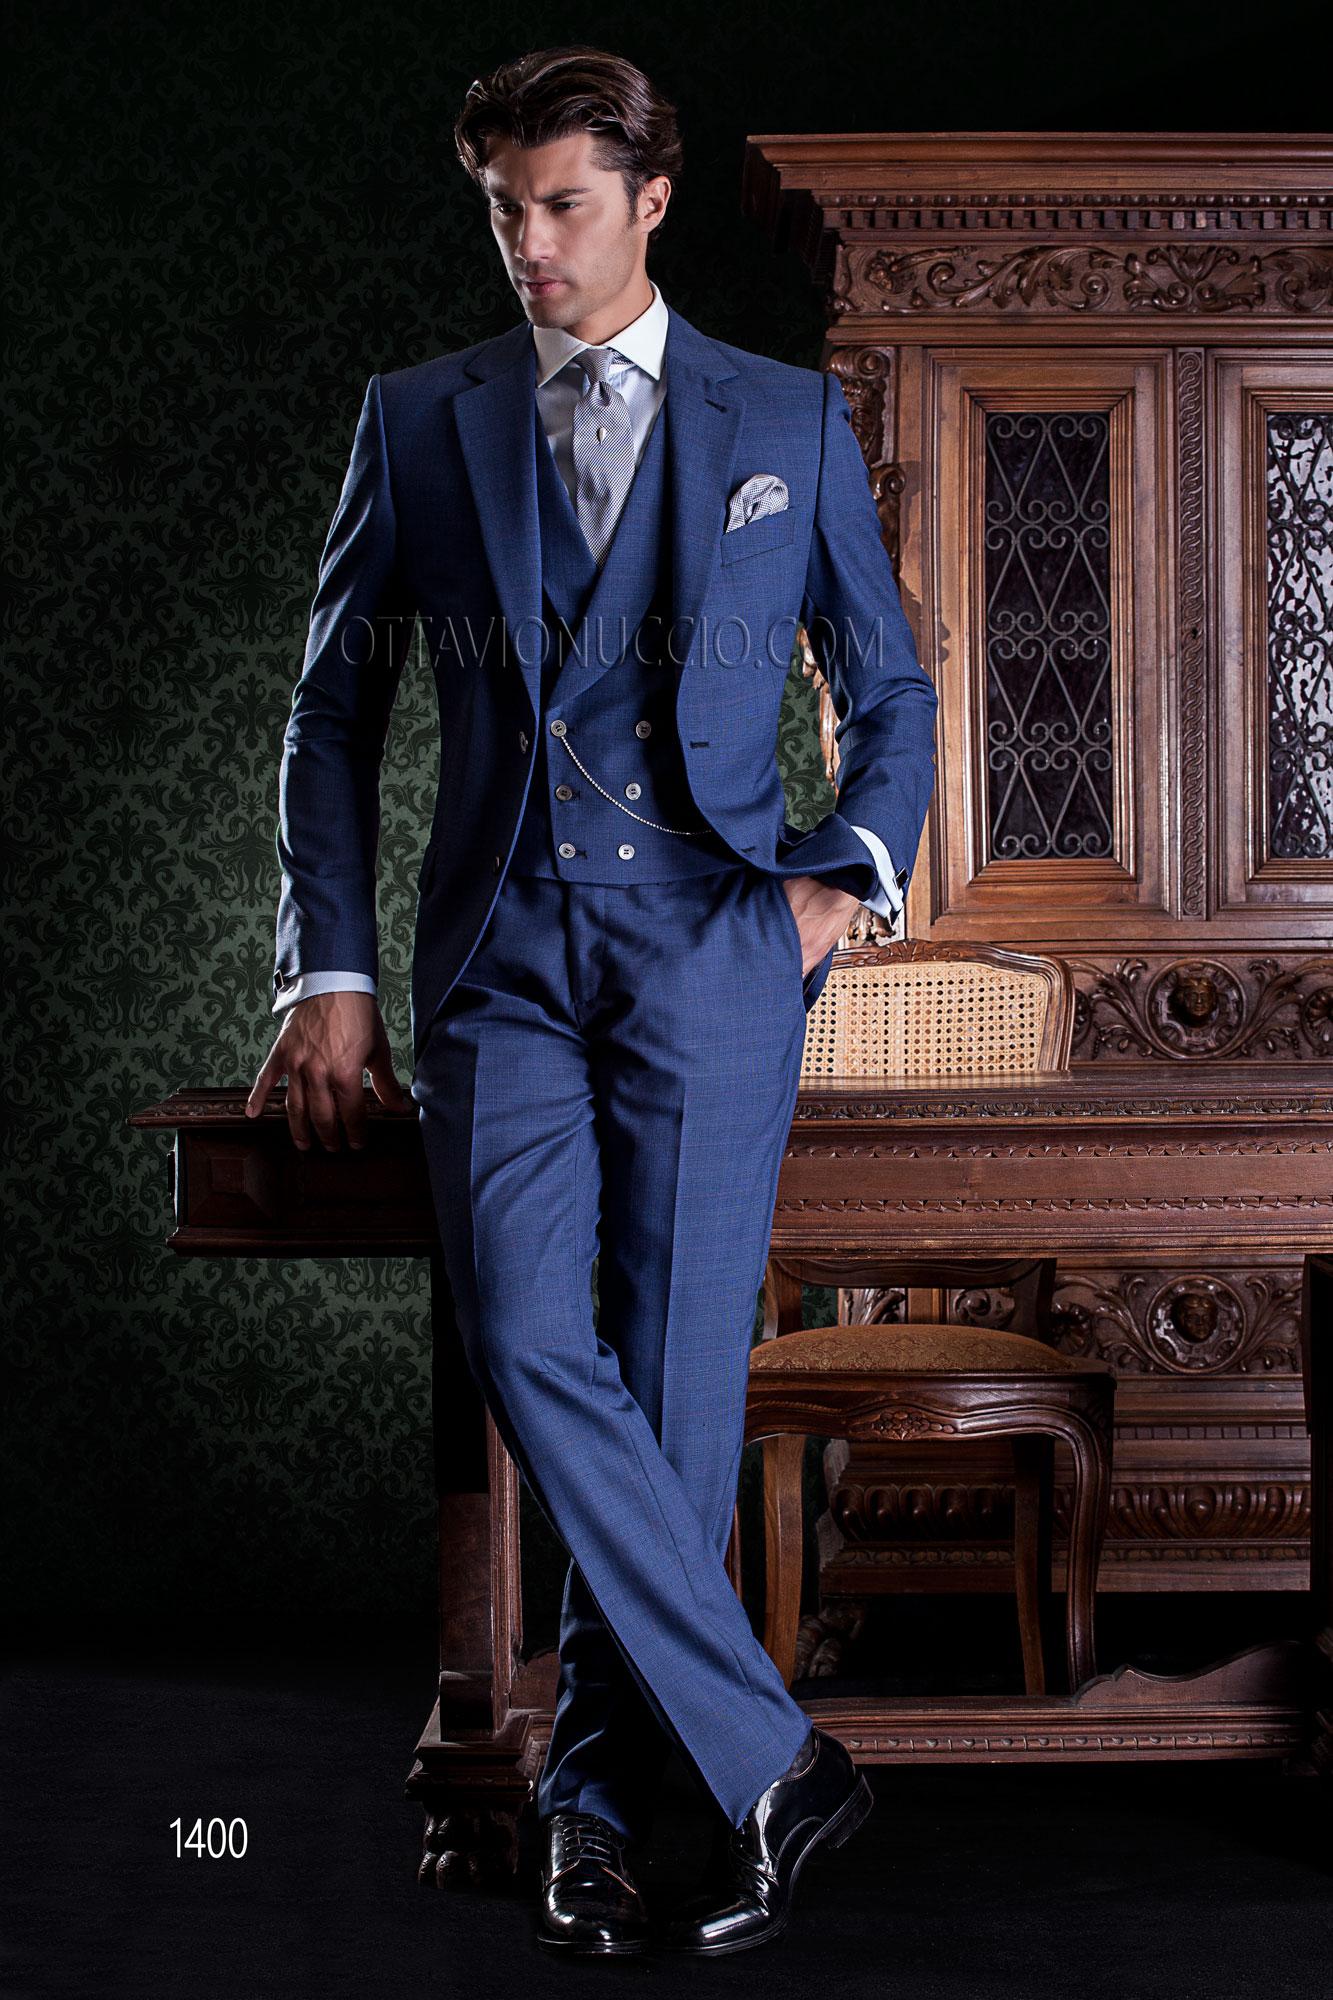 Vestito Matrimonio Uomo Blu Elettrico : Abito sposo classico blu elettrico con gilet doppiopetto